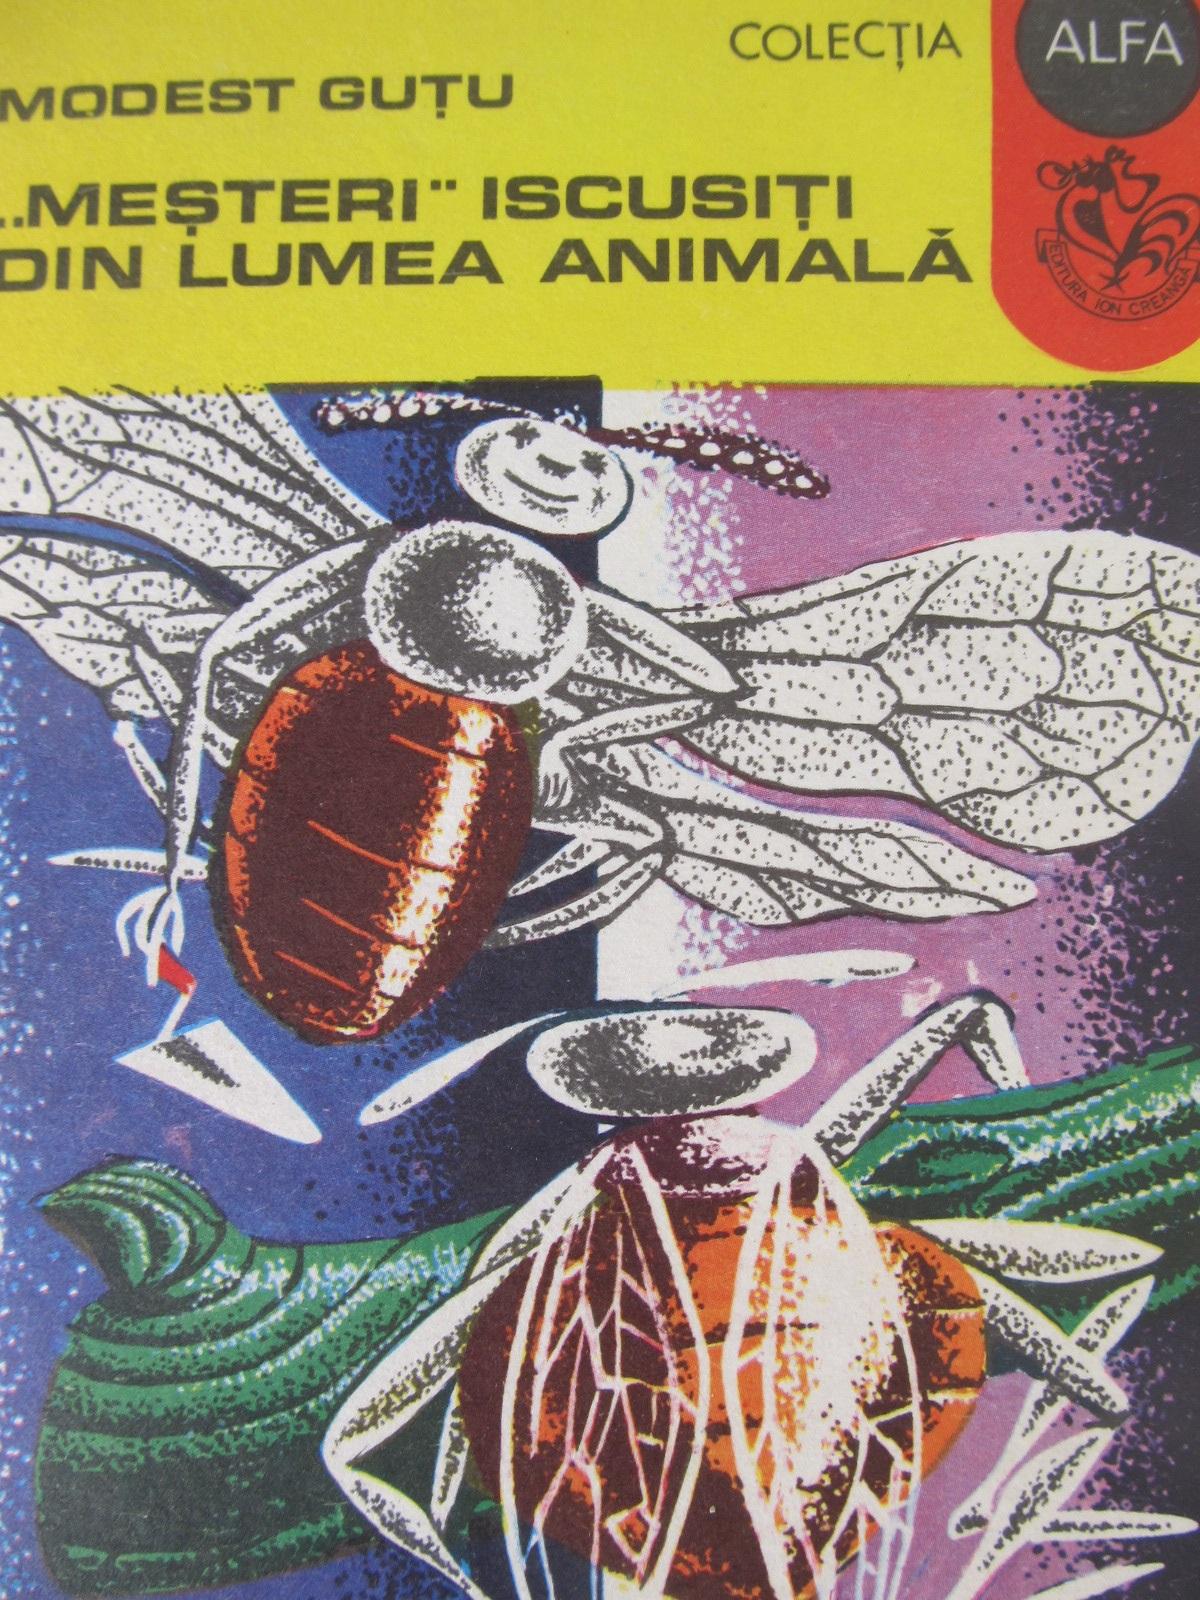 Mesteri iscusiti din lumea animala - Modest Gutu   Detalii carte